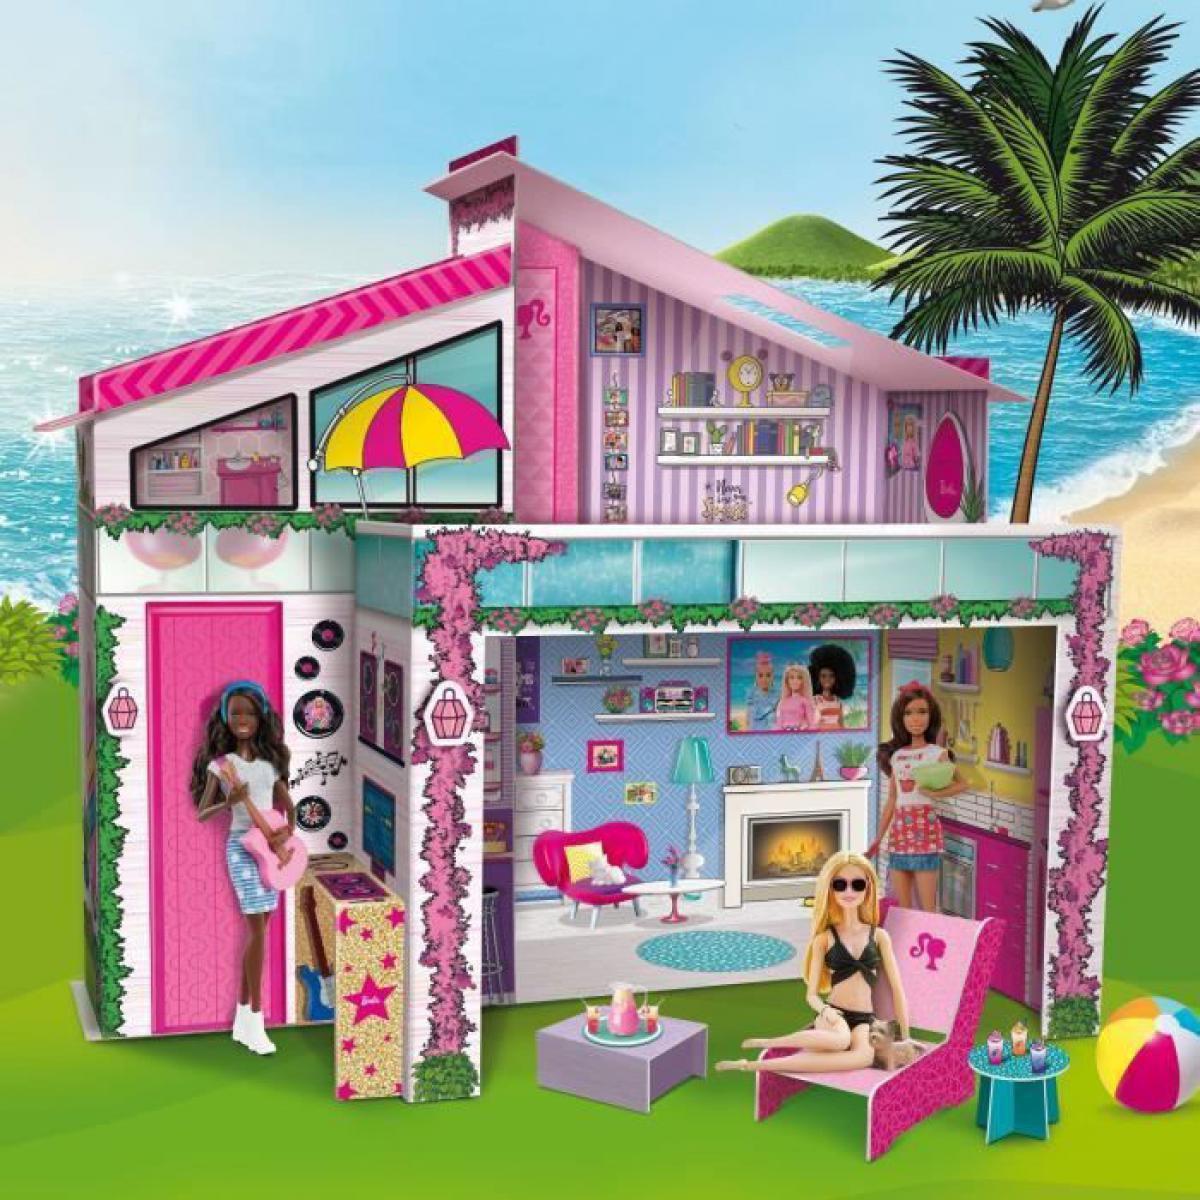 Lisciani Giochi BARBIE Dream Summer Villa Pour Enfant - Maison de poupees